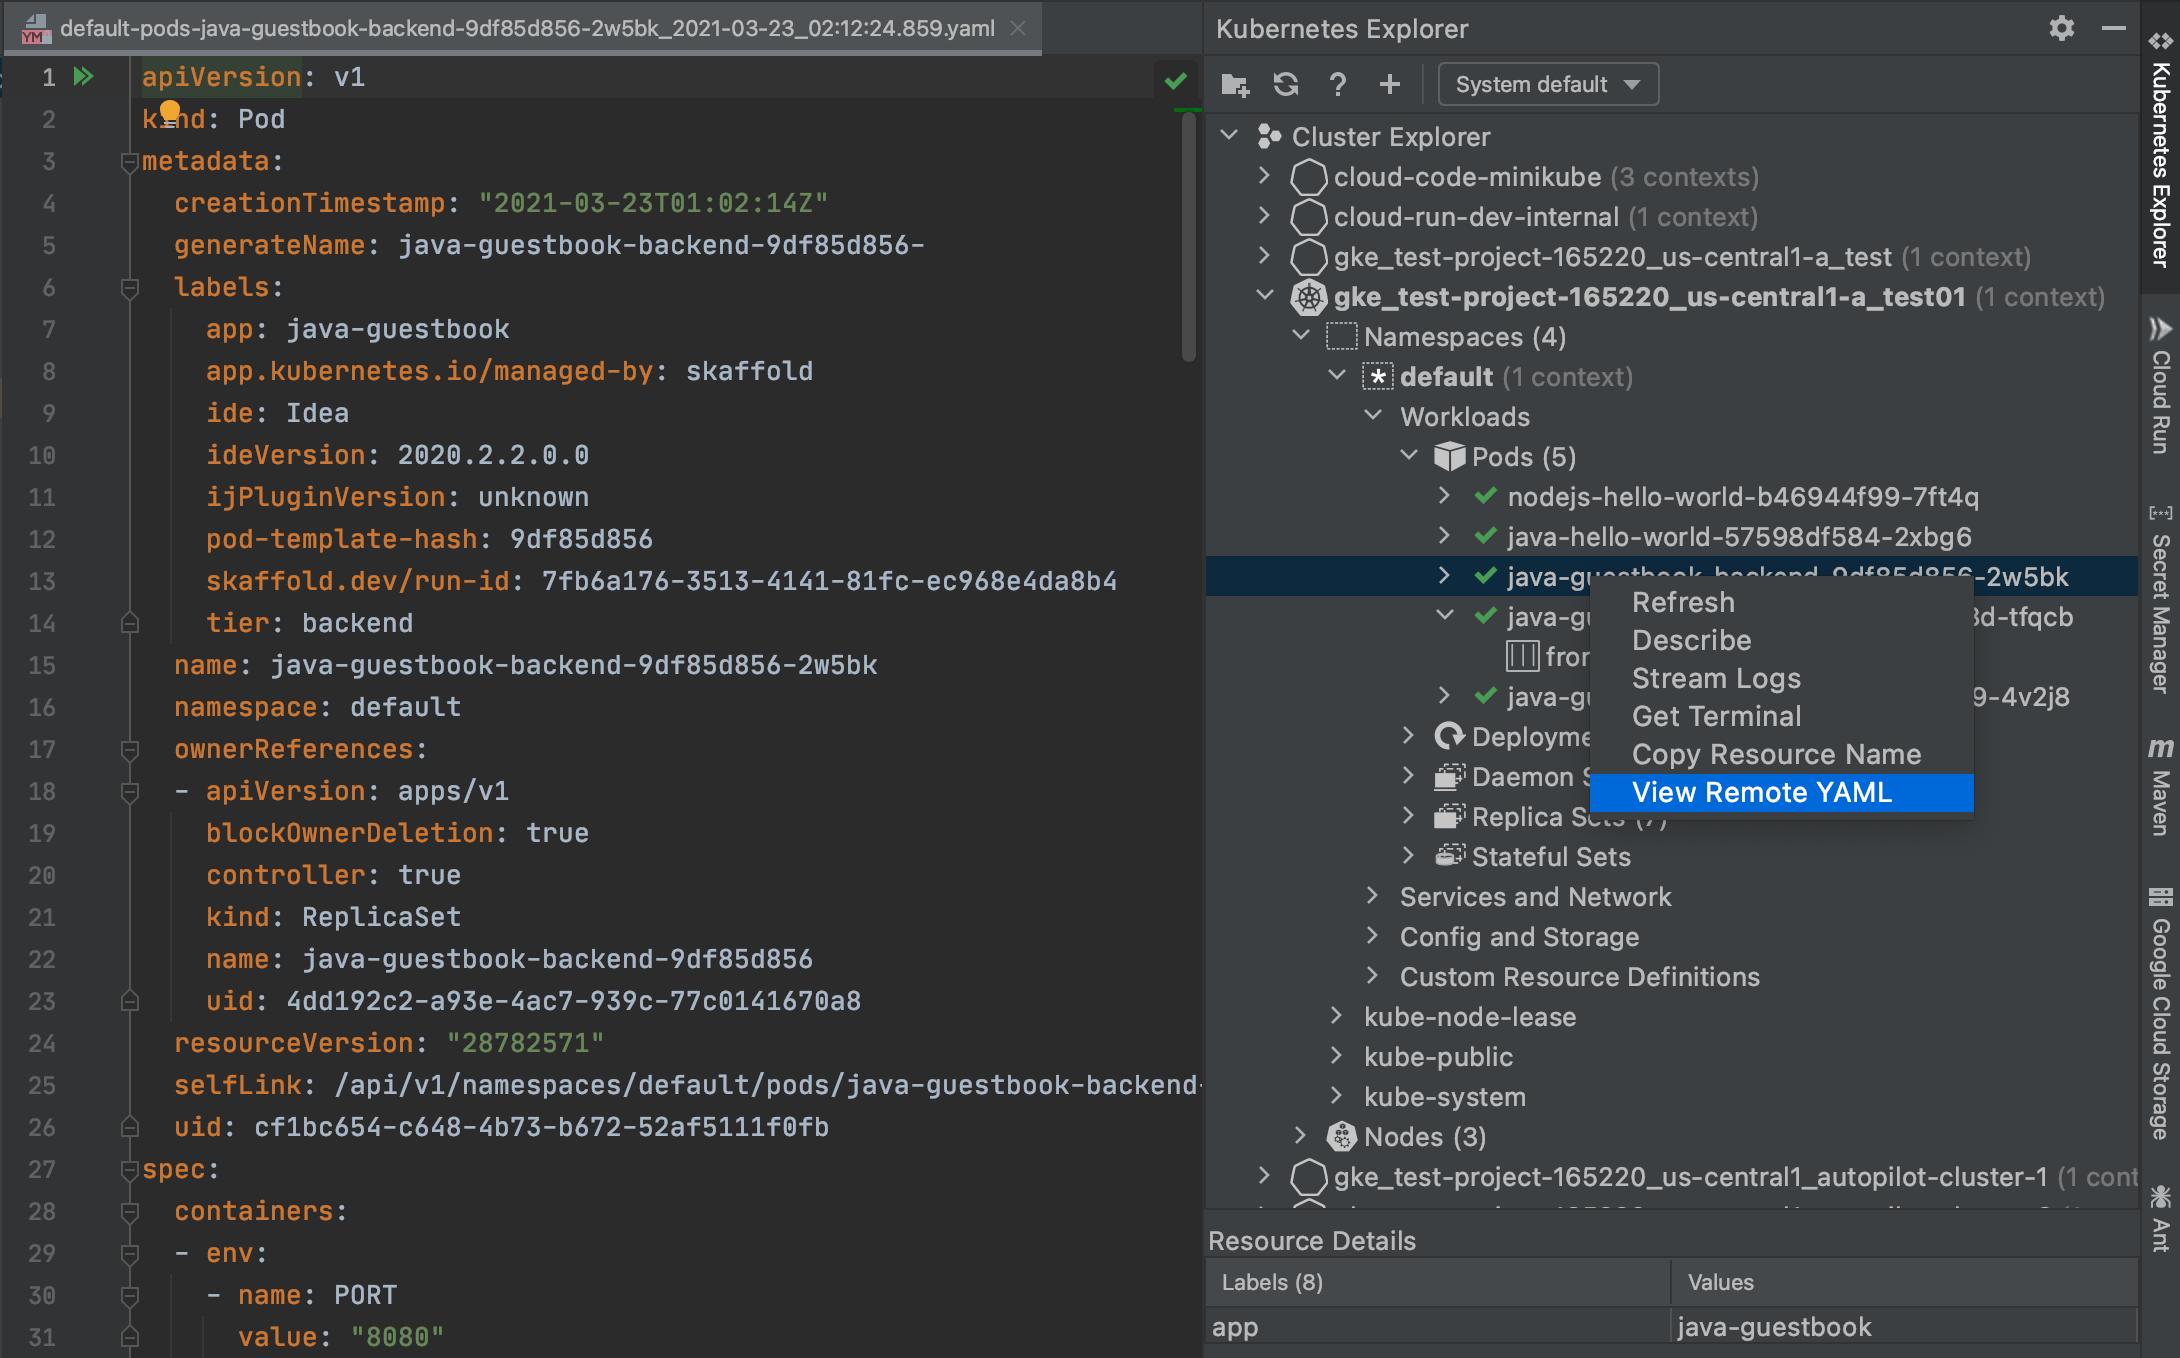 Kubernetes Explorer で Pod のラベルを右クリックし、[View Remote YAML] を選択して、Pod の YAML を表示する